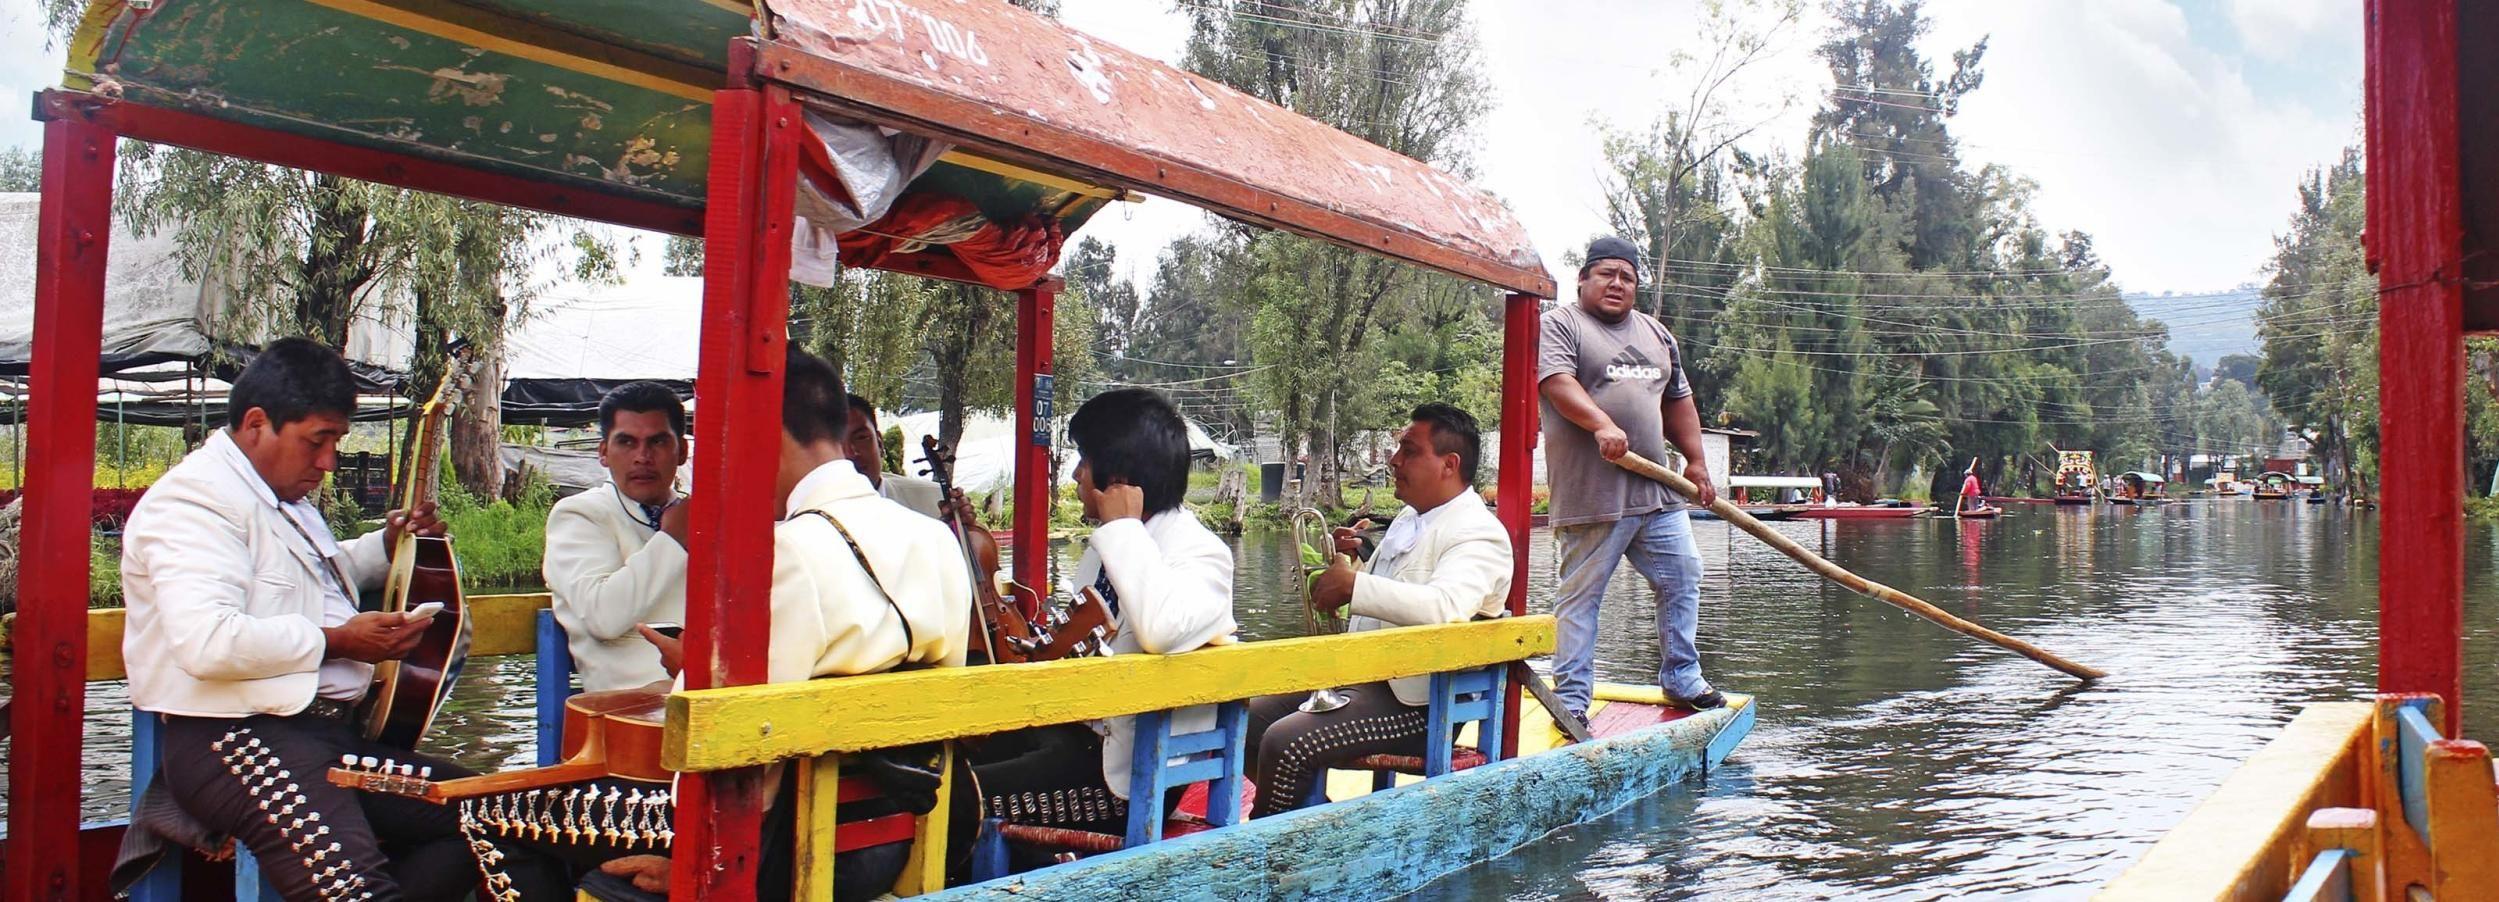 México: Xochimilco, Coyoacán y ciudad universitaria